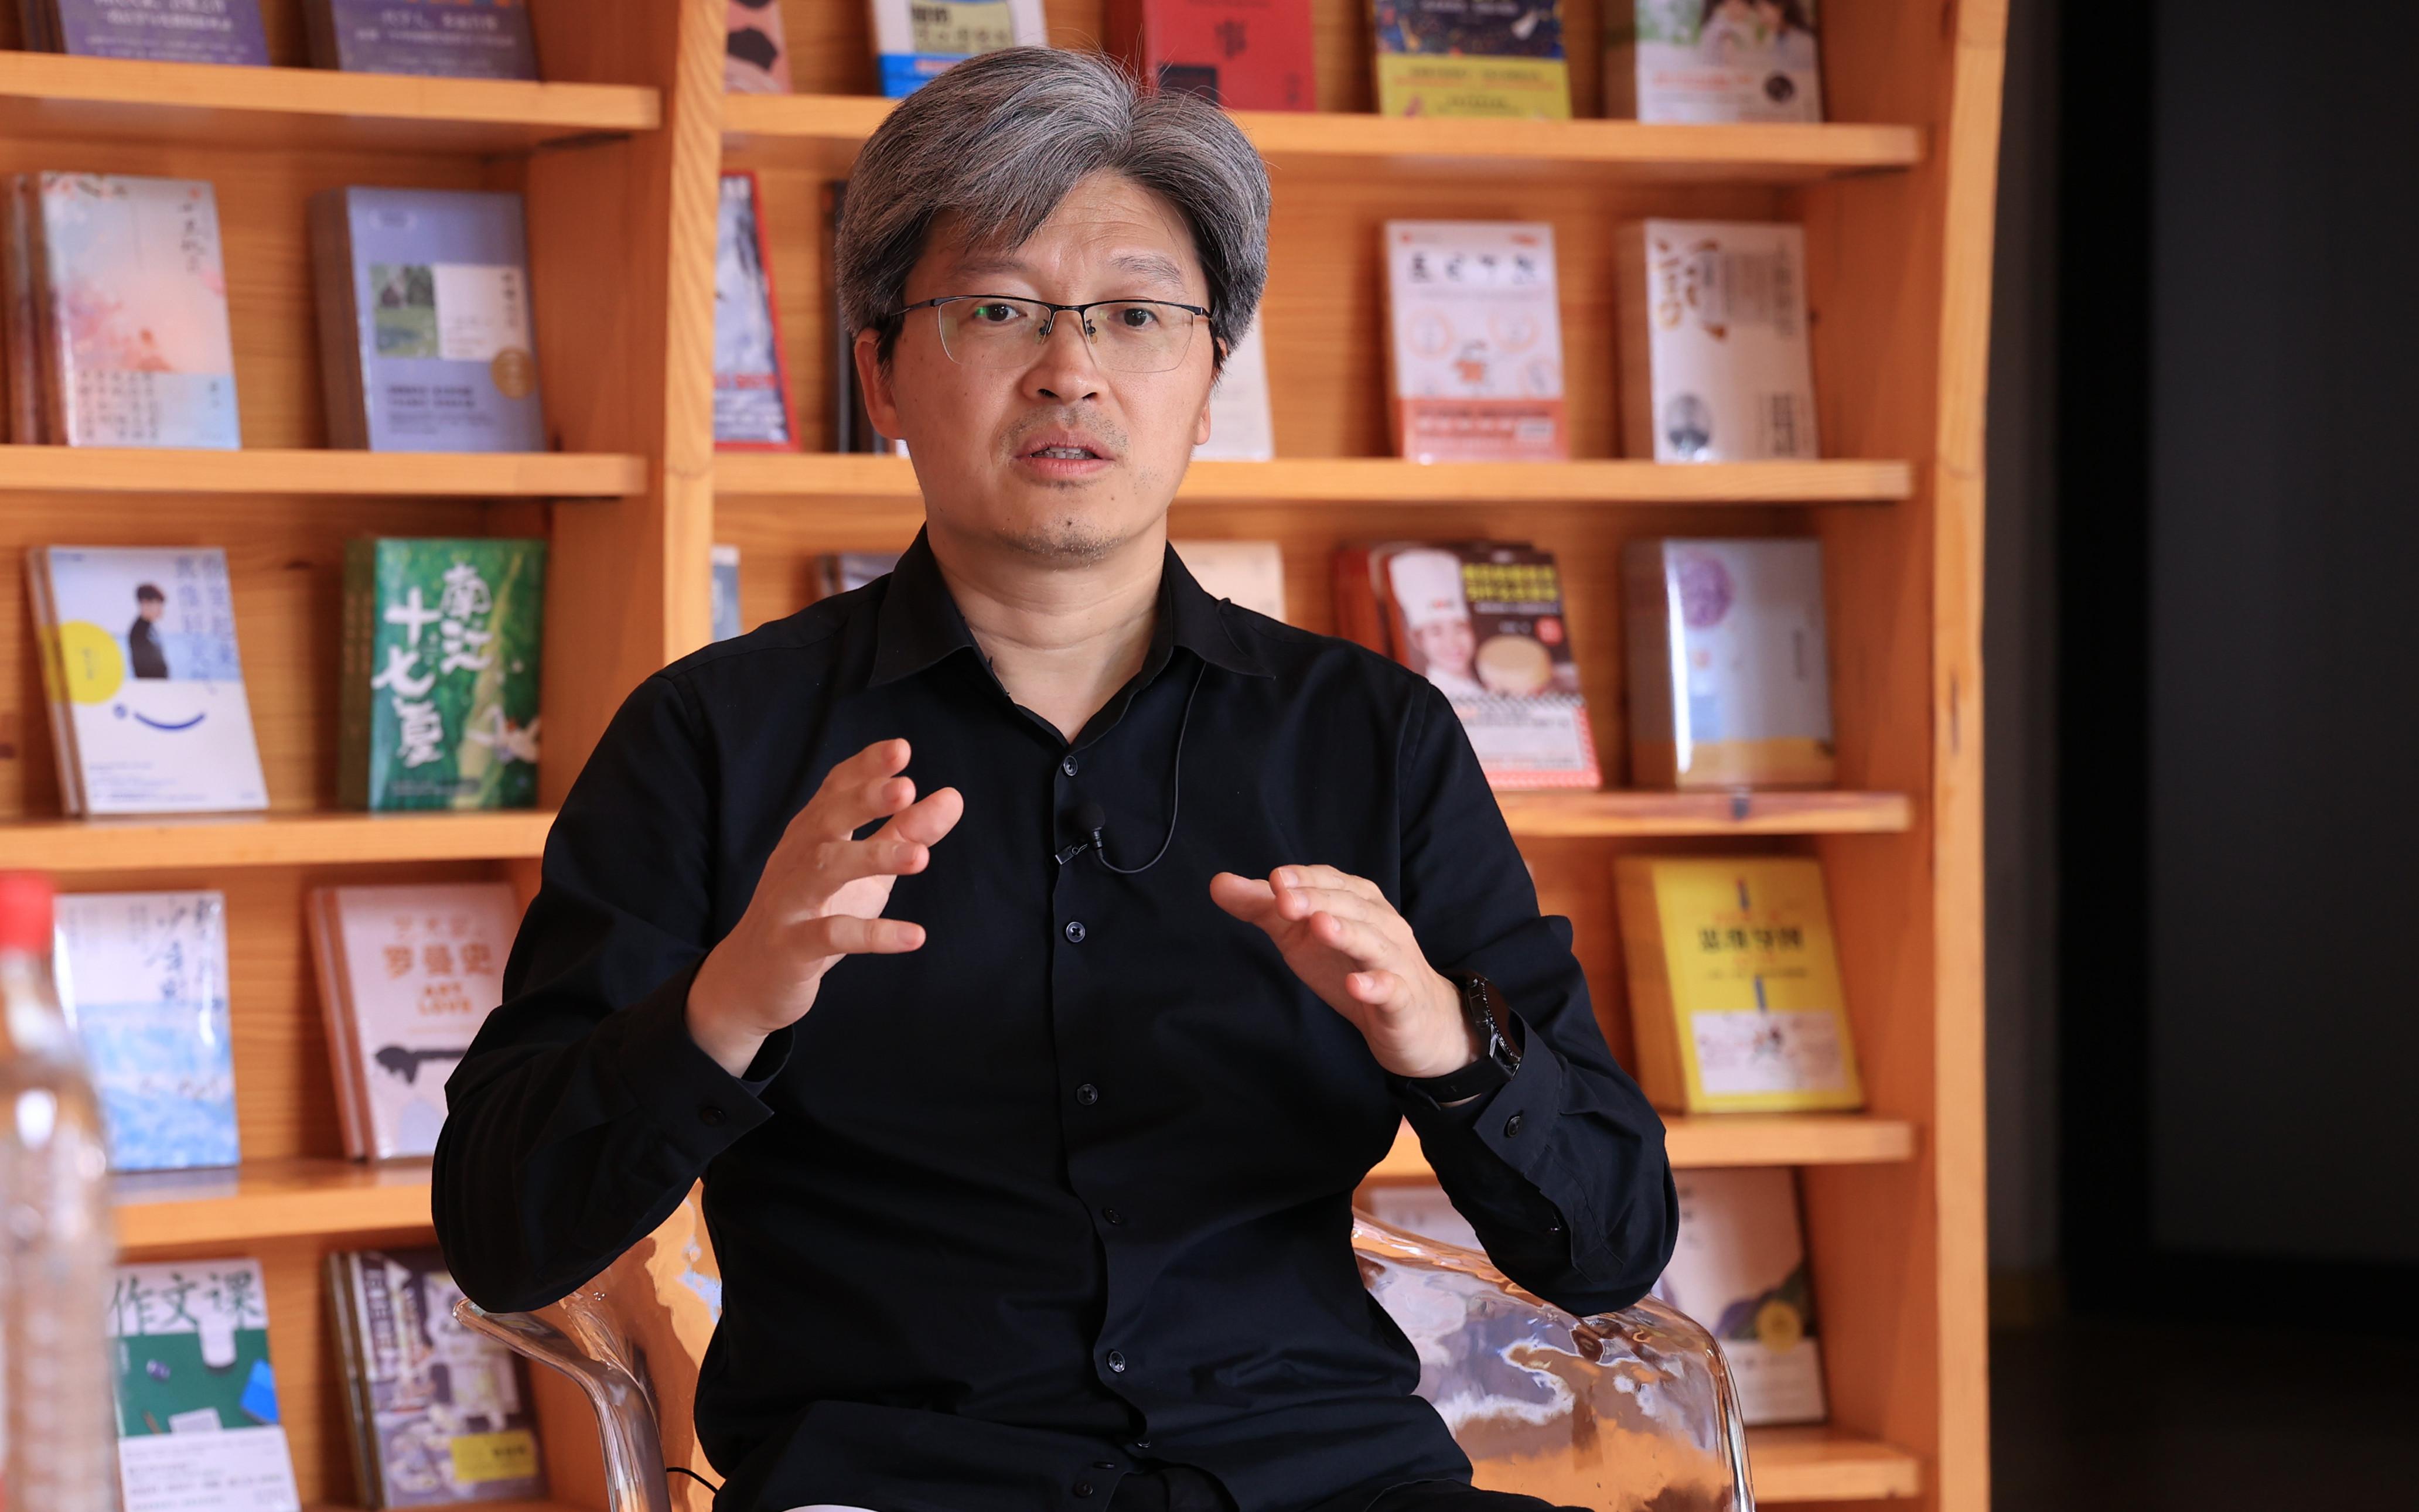 譚剛毅:保護不能為了保護而保護,要為鄉土建築注入新的活力